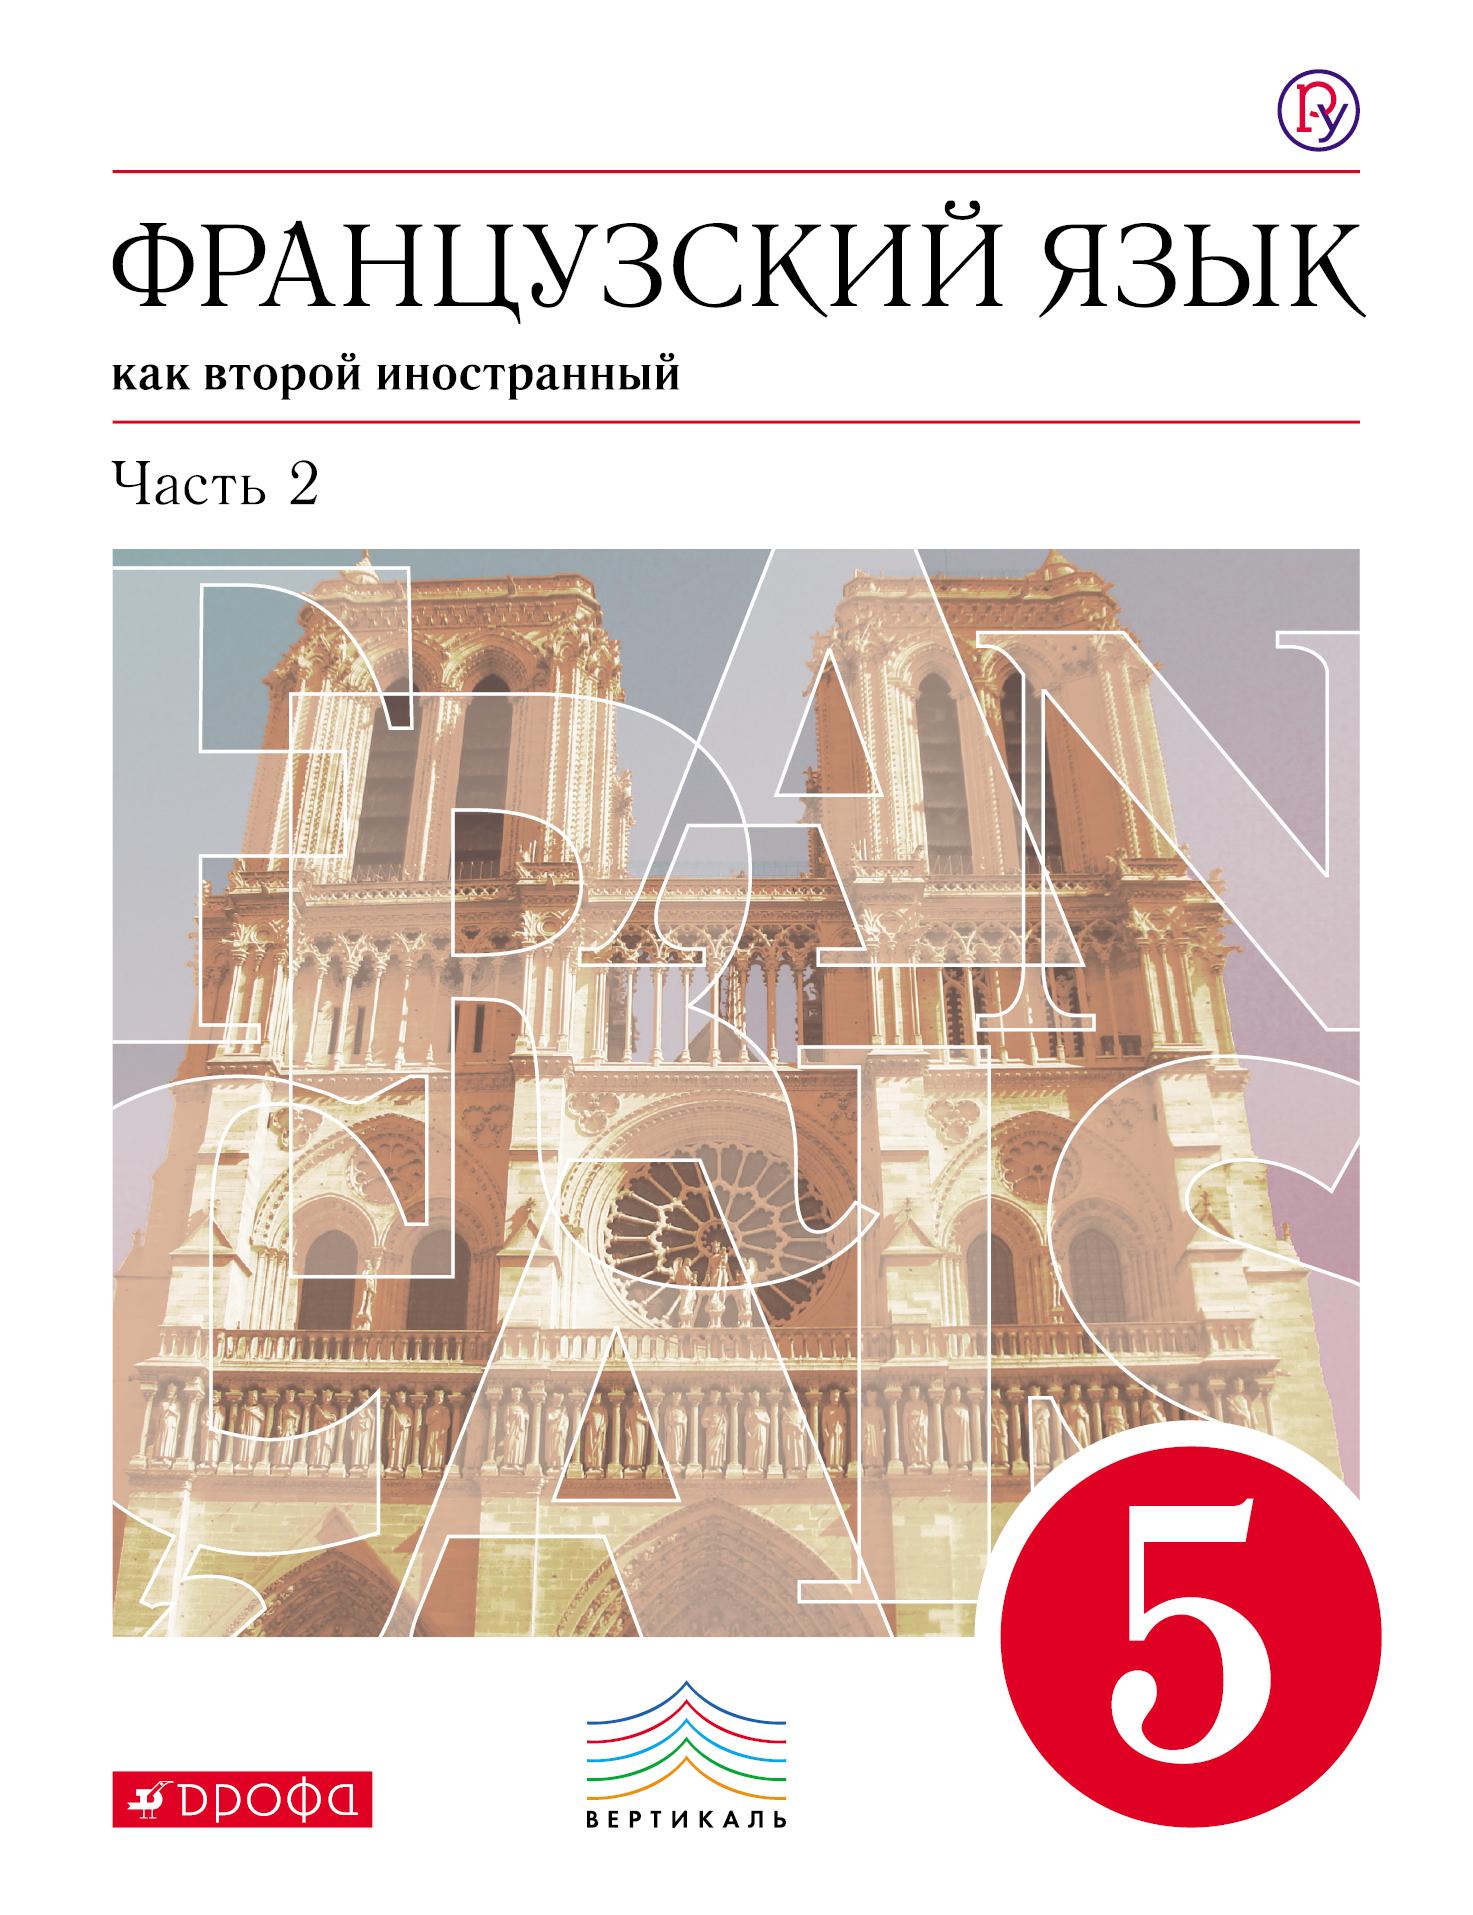 Французский язык. 5 класс. 1-й год обучения. Учебник. Часть 2